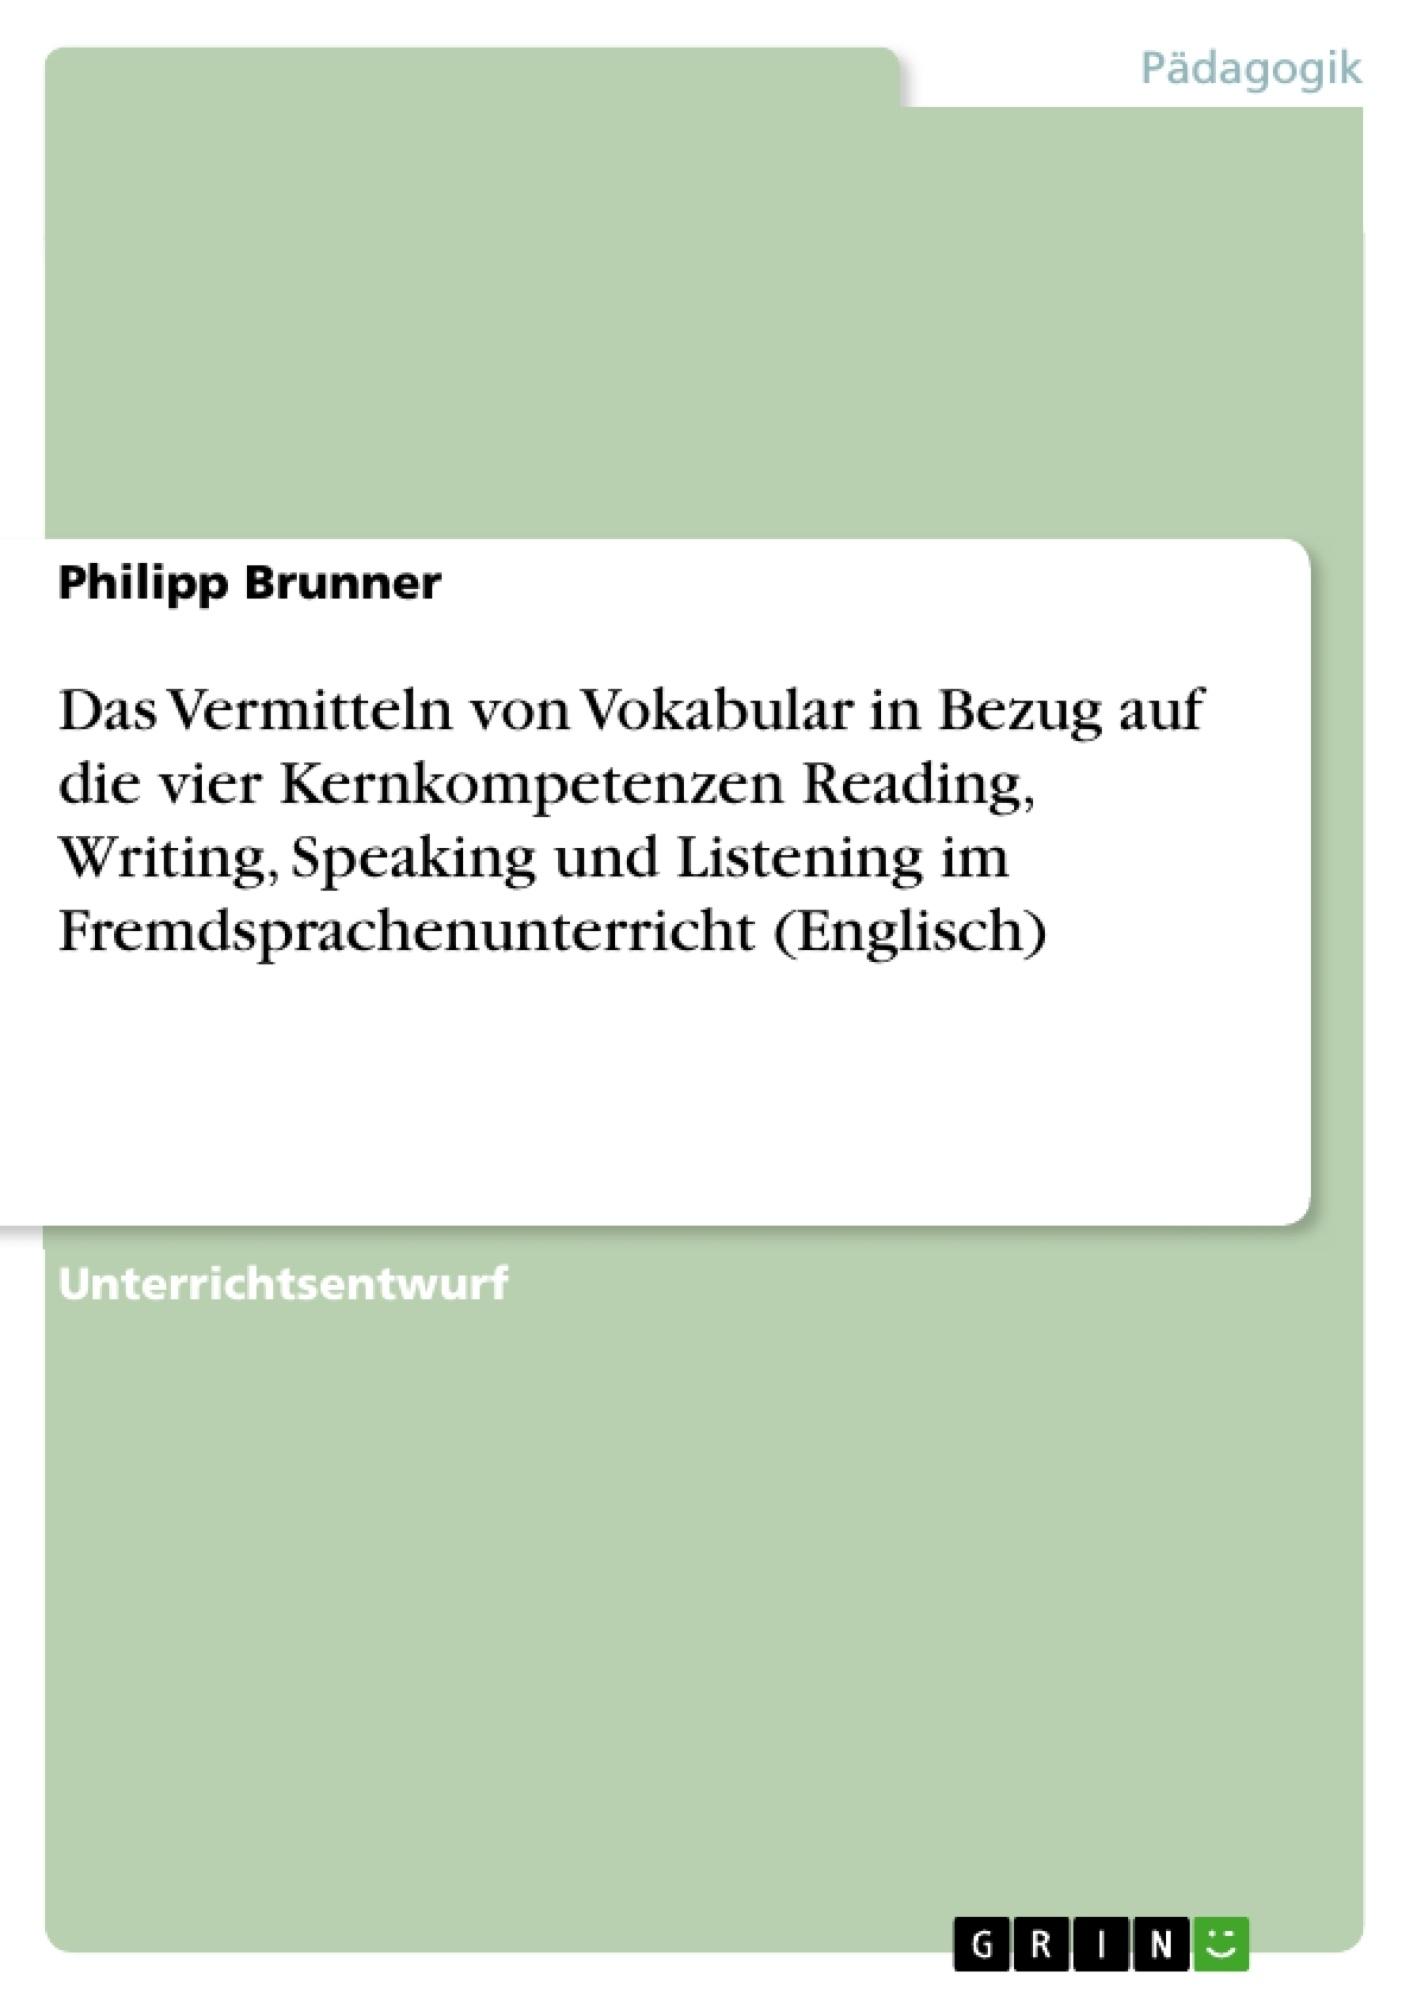 Titel: Das Vermitteln von Vokabular in Bezug auf die vier Kernkompetenzen Reading, Writing, Speaking und Listening im Fremdsprachenunterricht (Englisch)